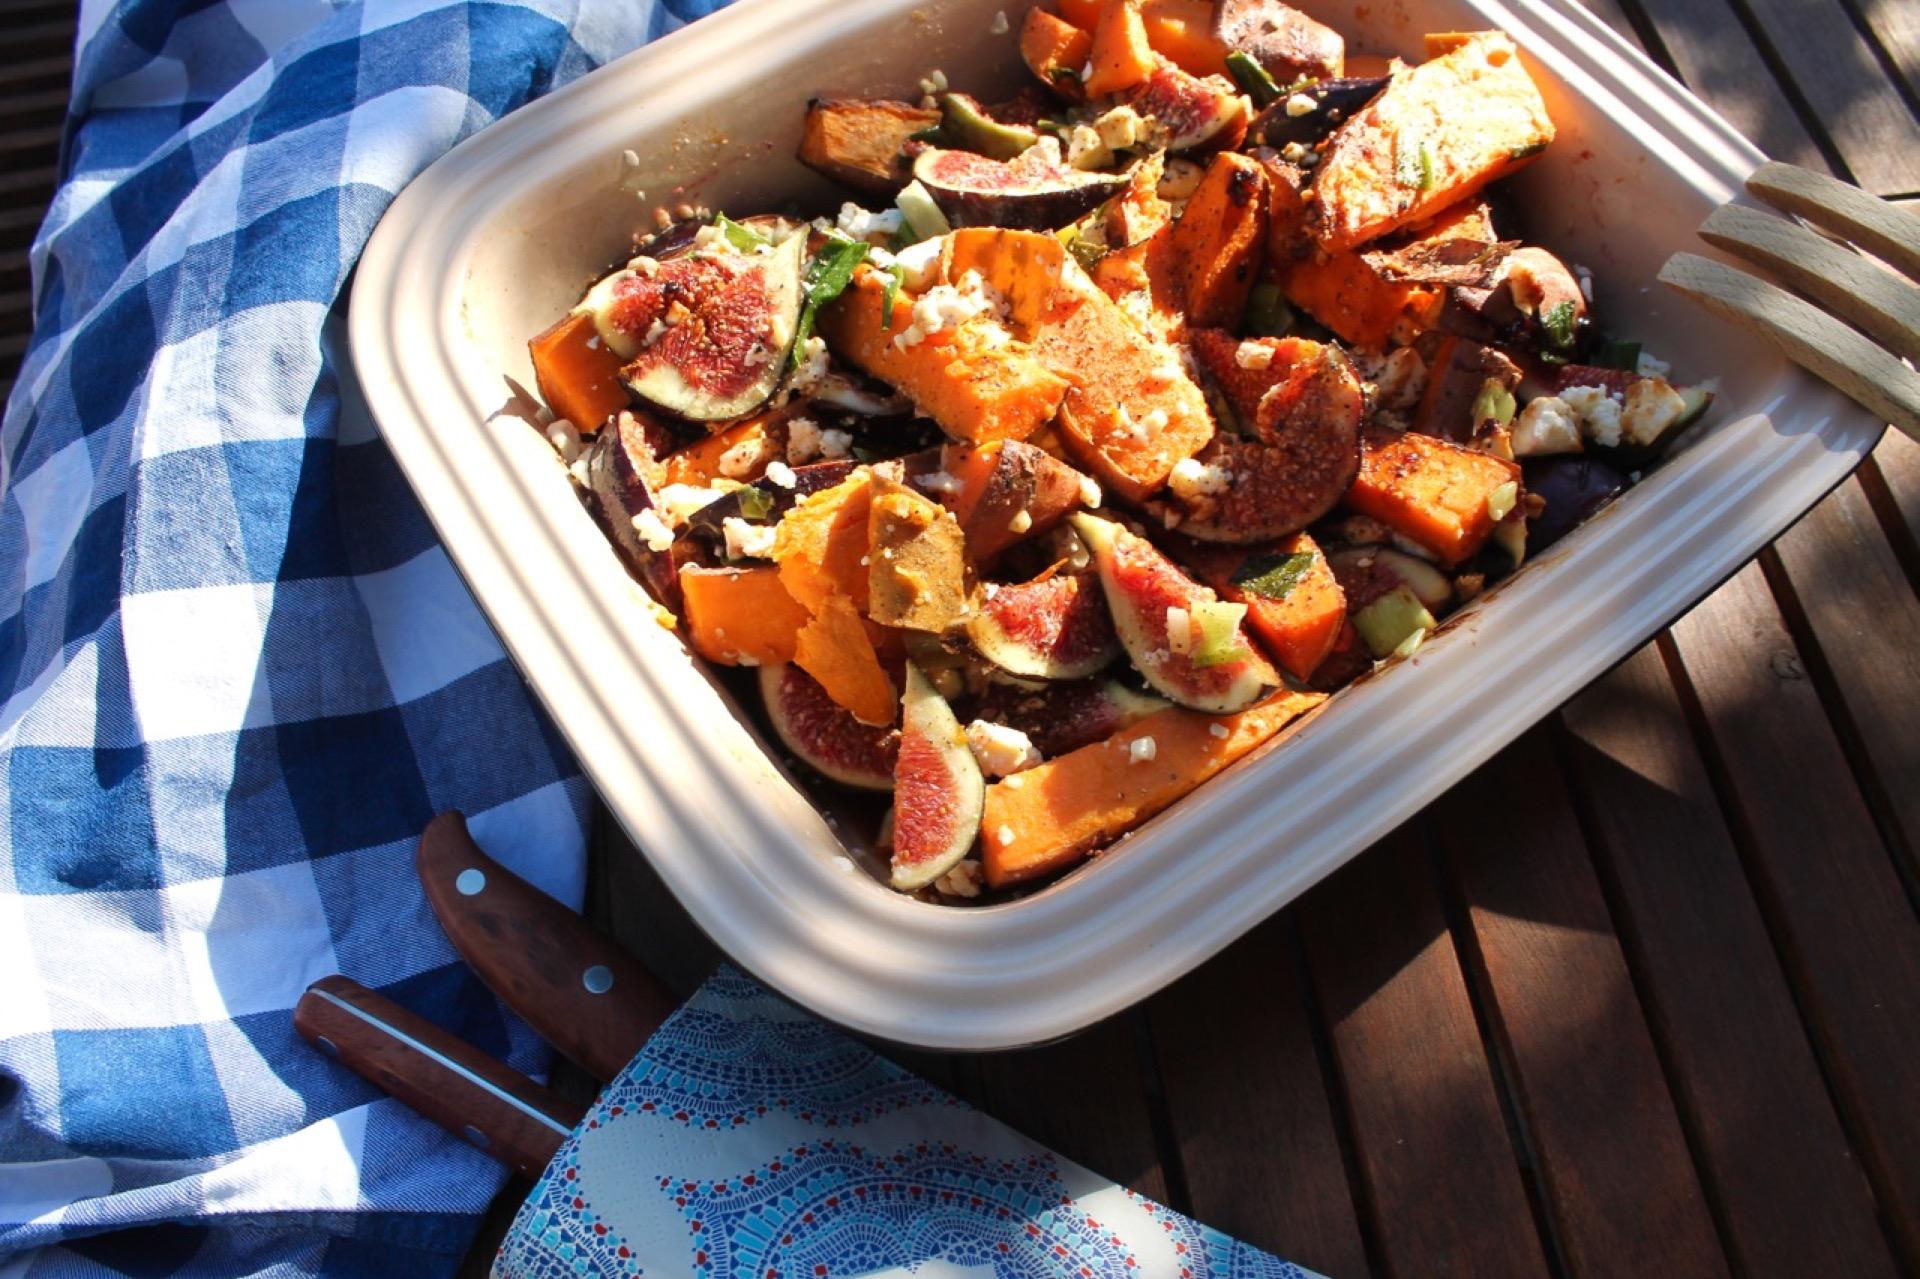 Feigen-Suesskartoffel-Salat